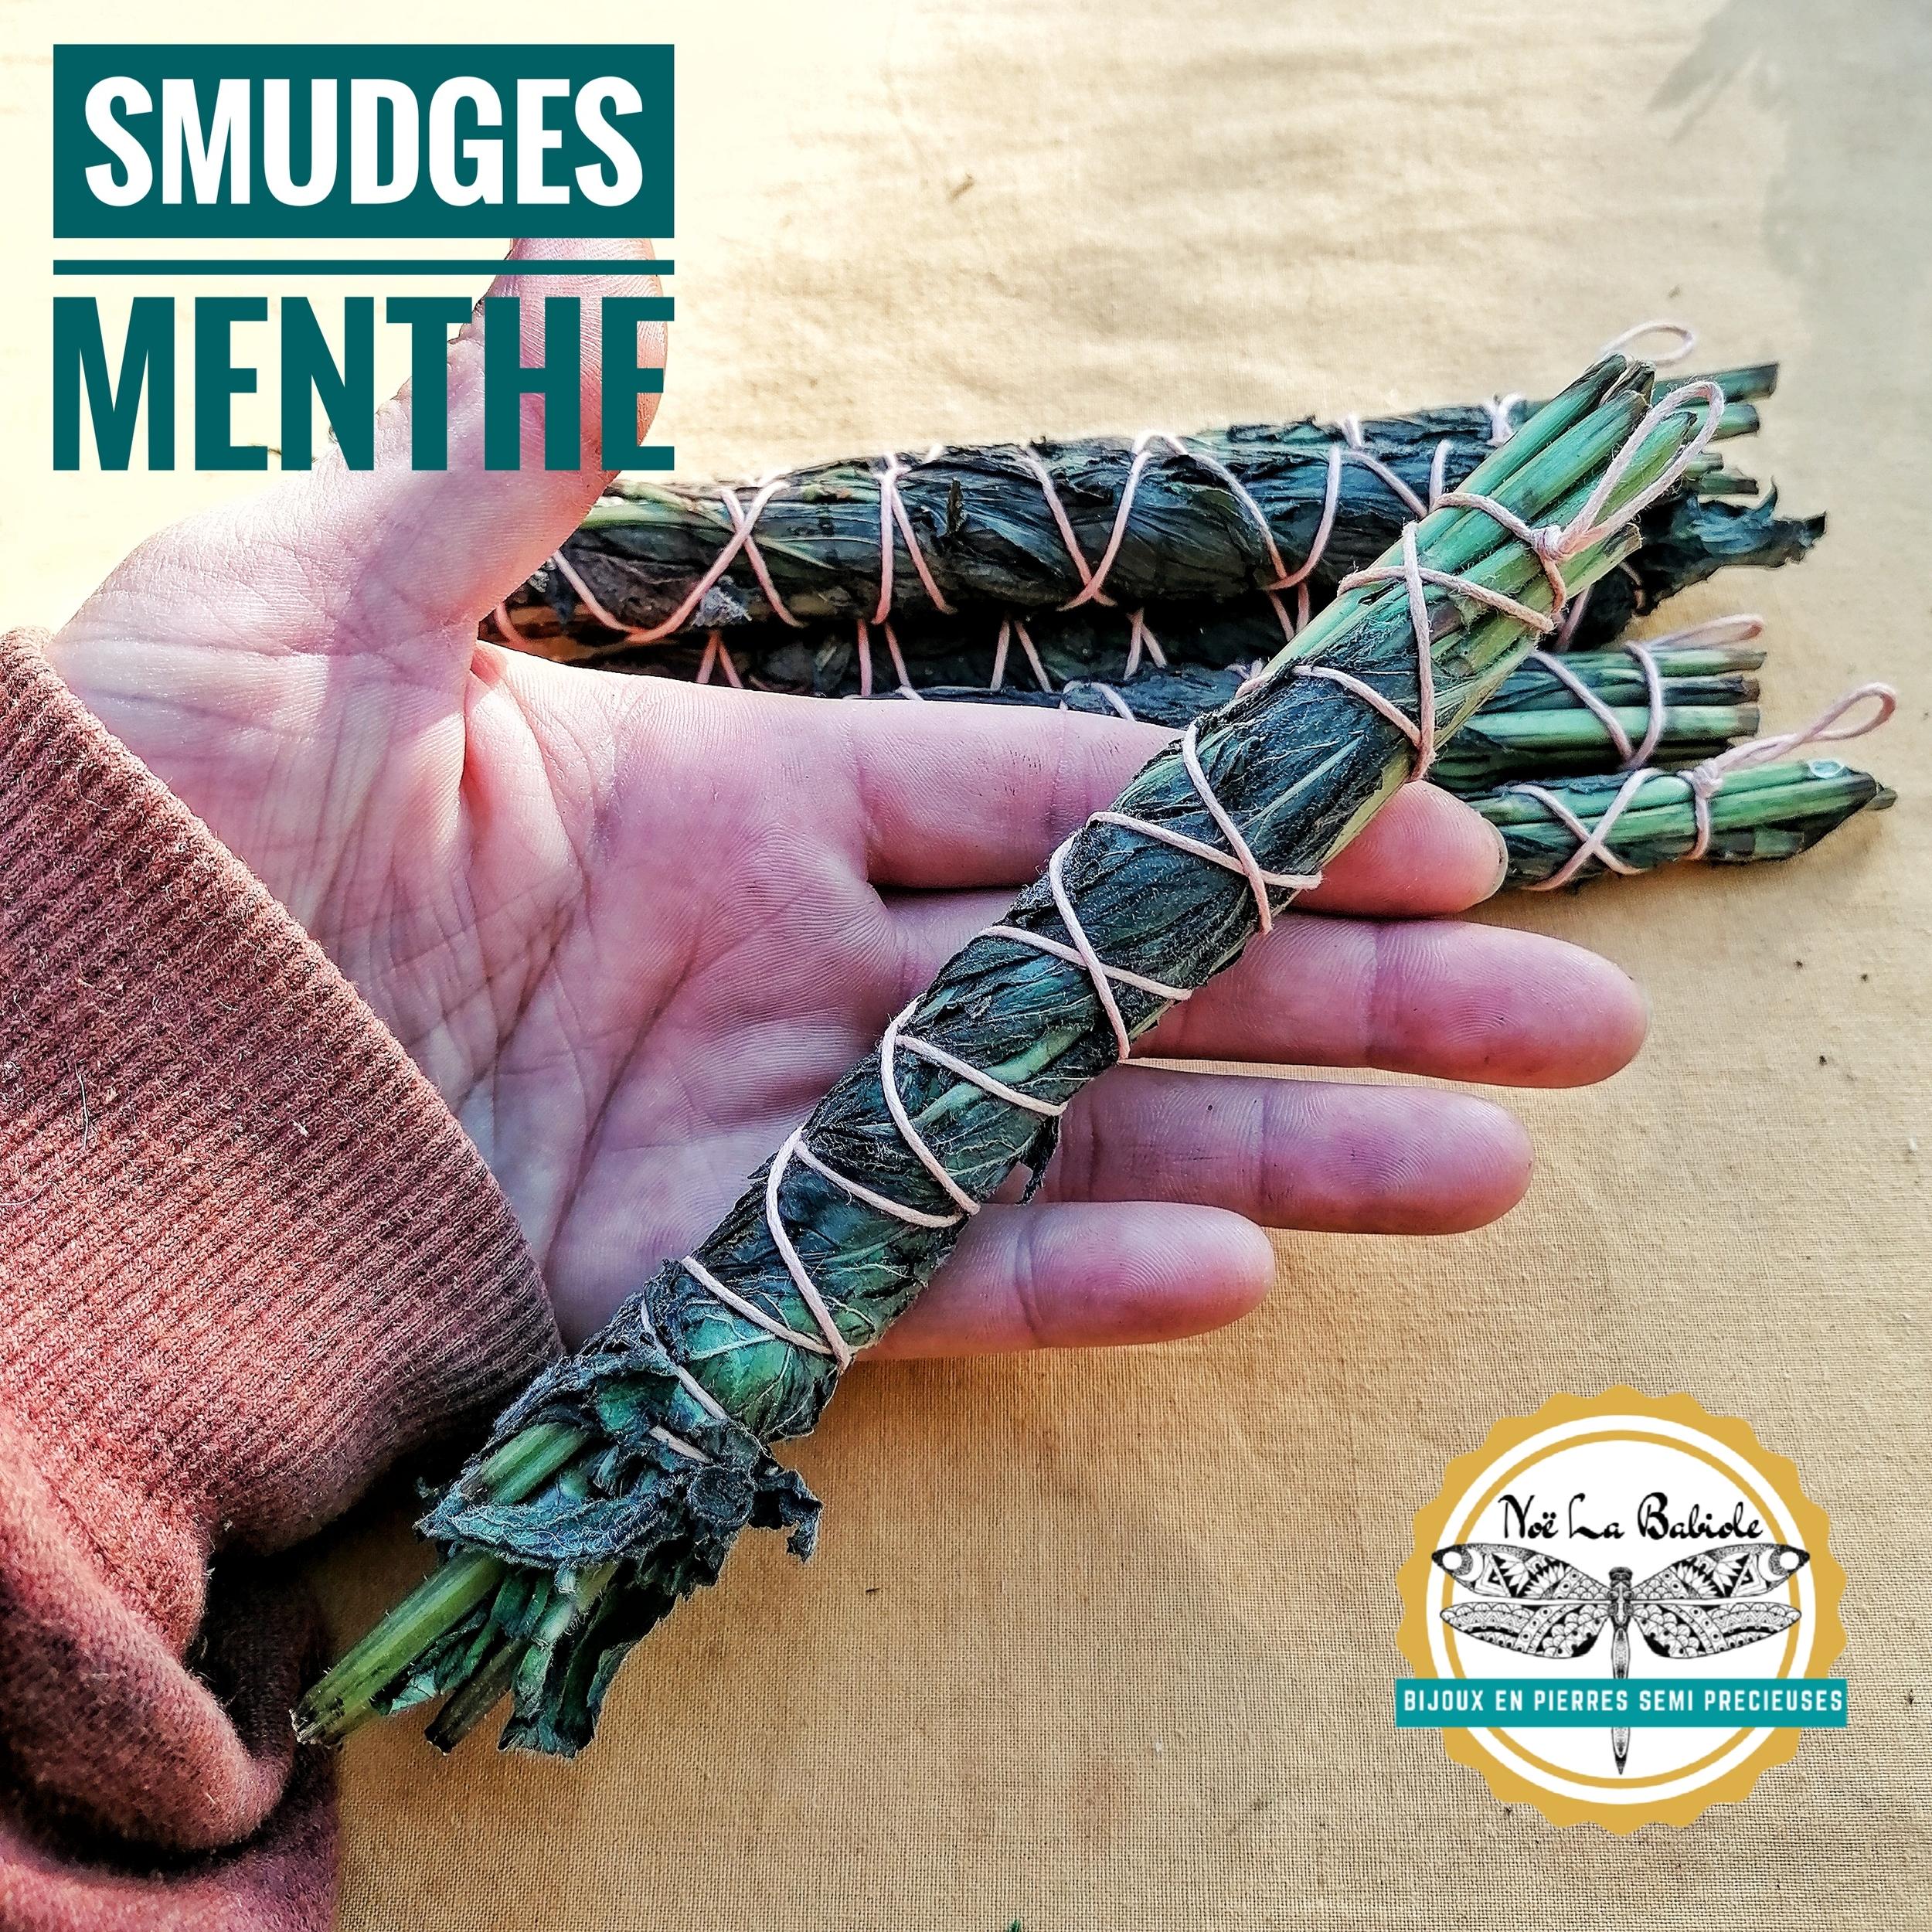 Maxi Smudge Menthe - Guérison Purification & Positivité